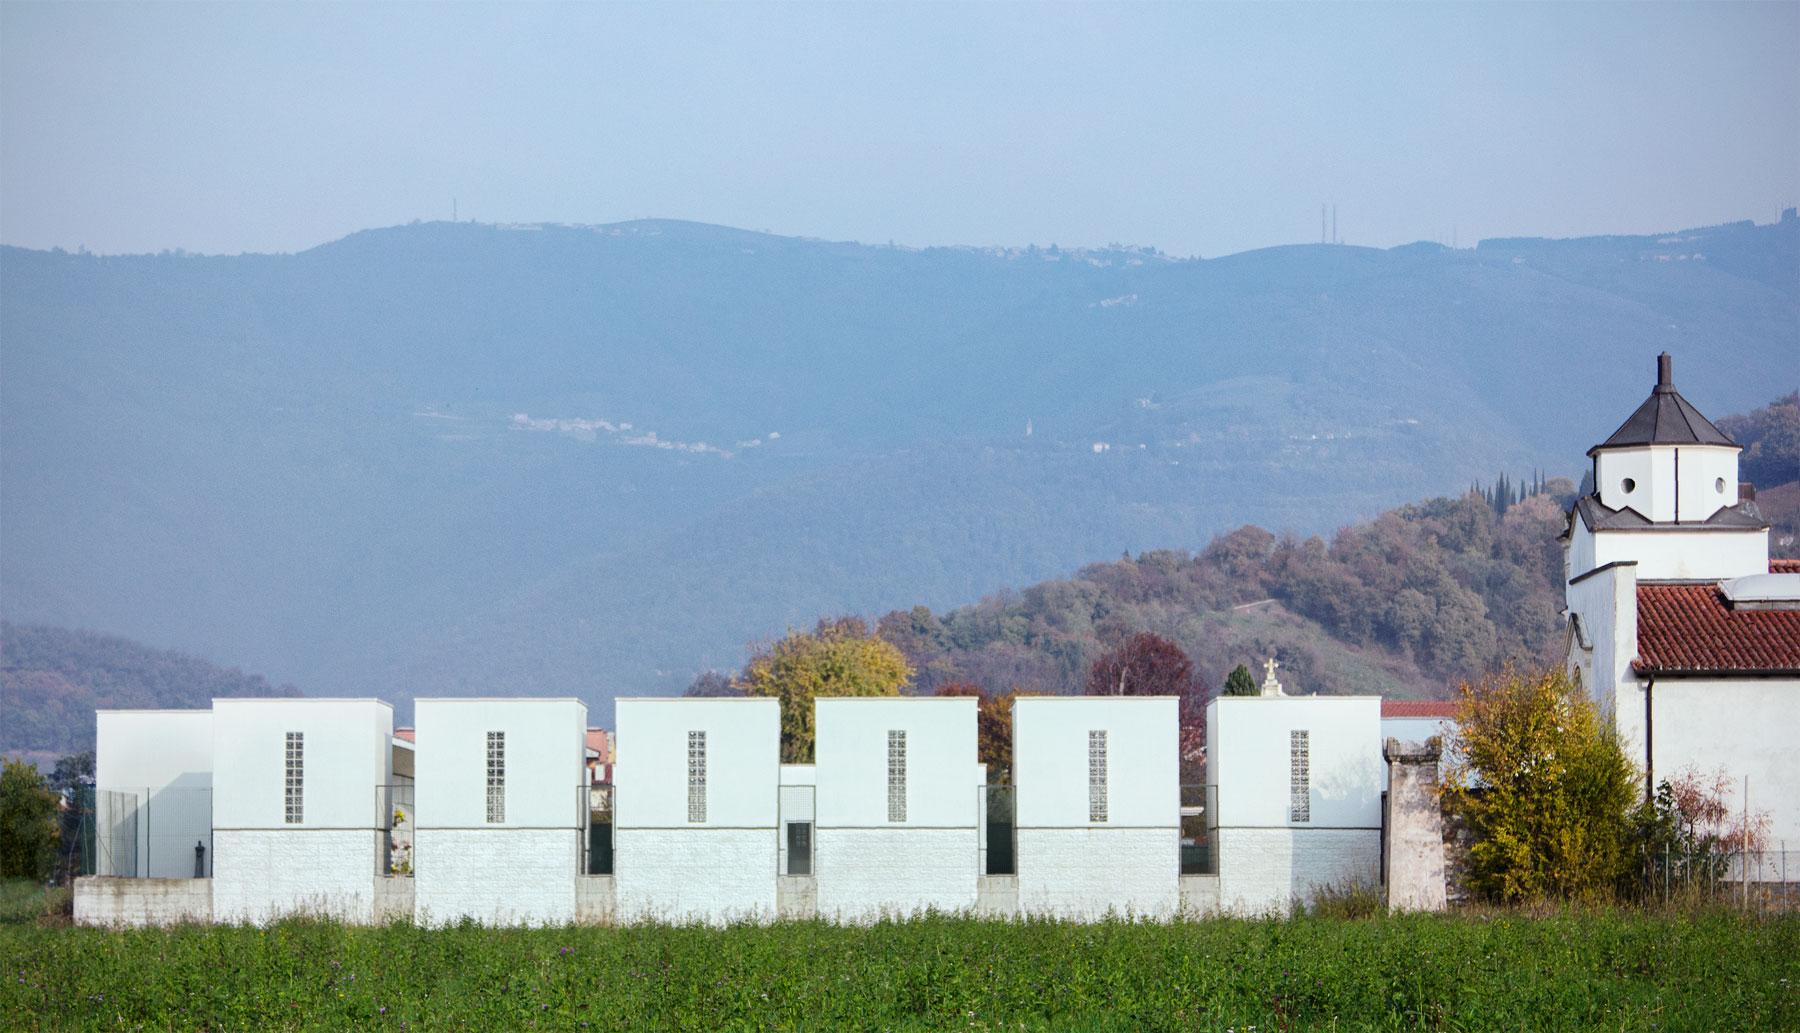 cimitero Marostica - luogo: Marostica (VI)committente: comune di Marostica (VI)anno: 2016collaboratore: ing. Paolo Toniolo